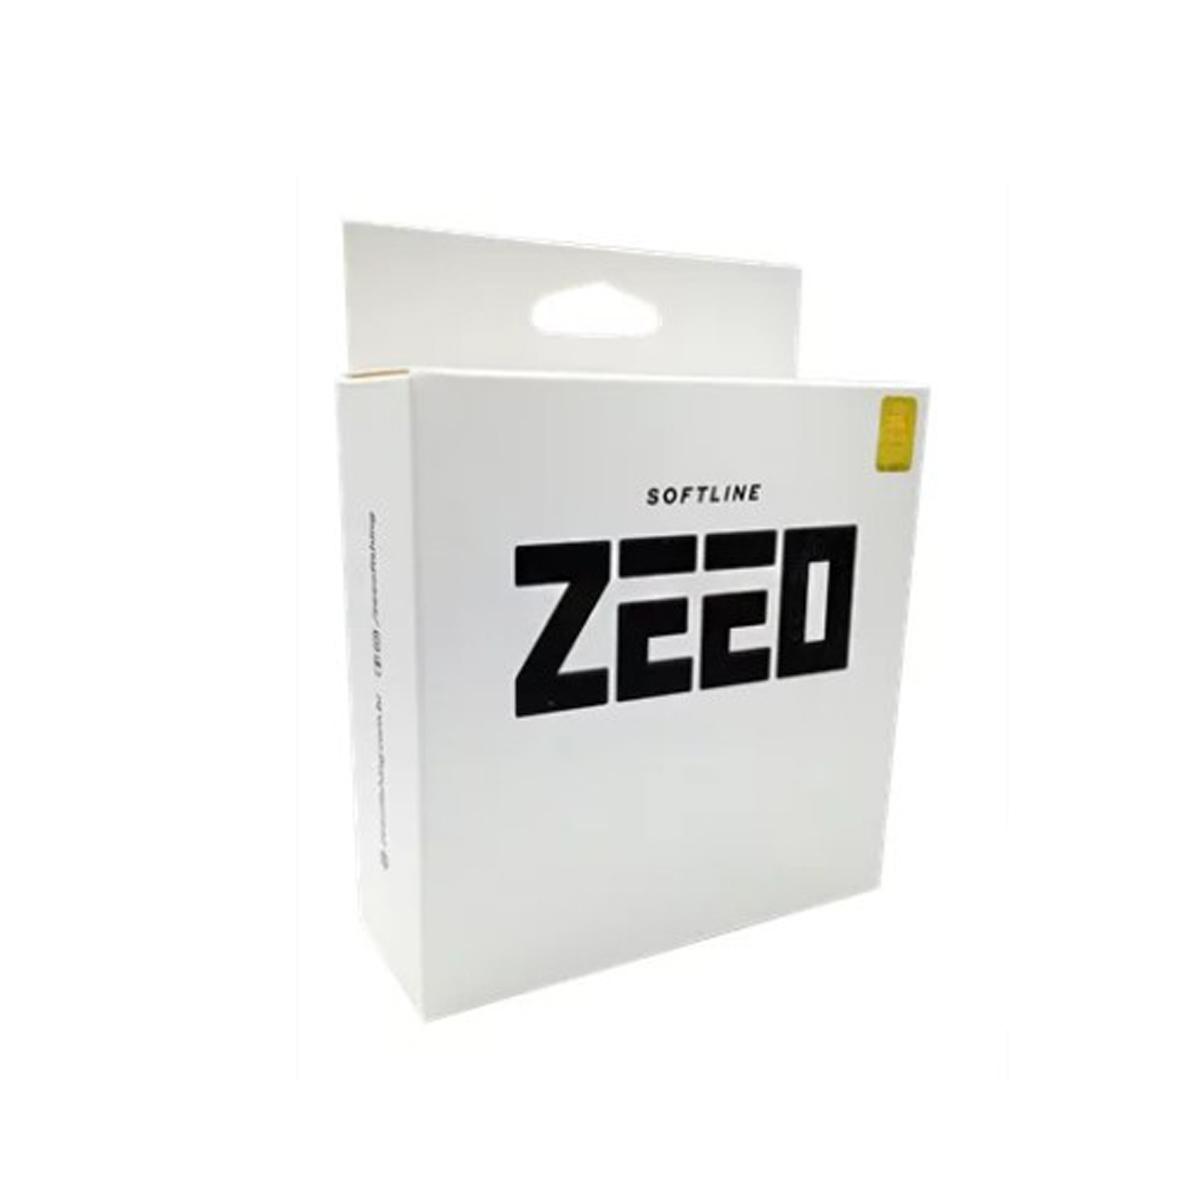 Linha Zeeo Softline 300 m (Amarela)  - Pró Pesca Shop